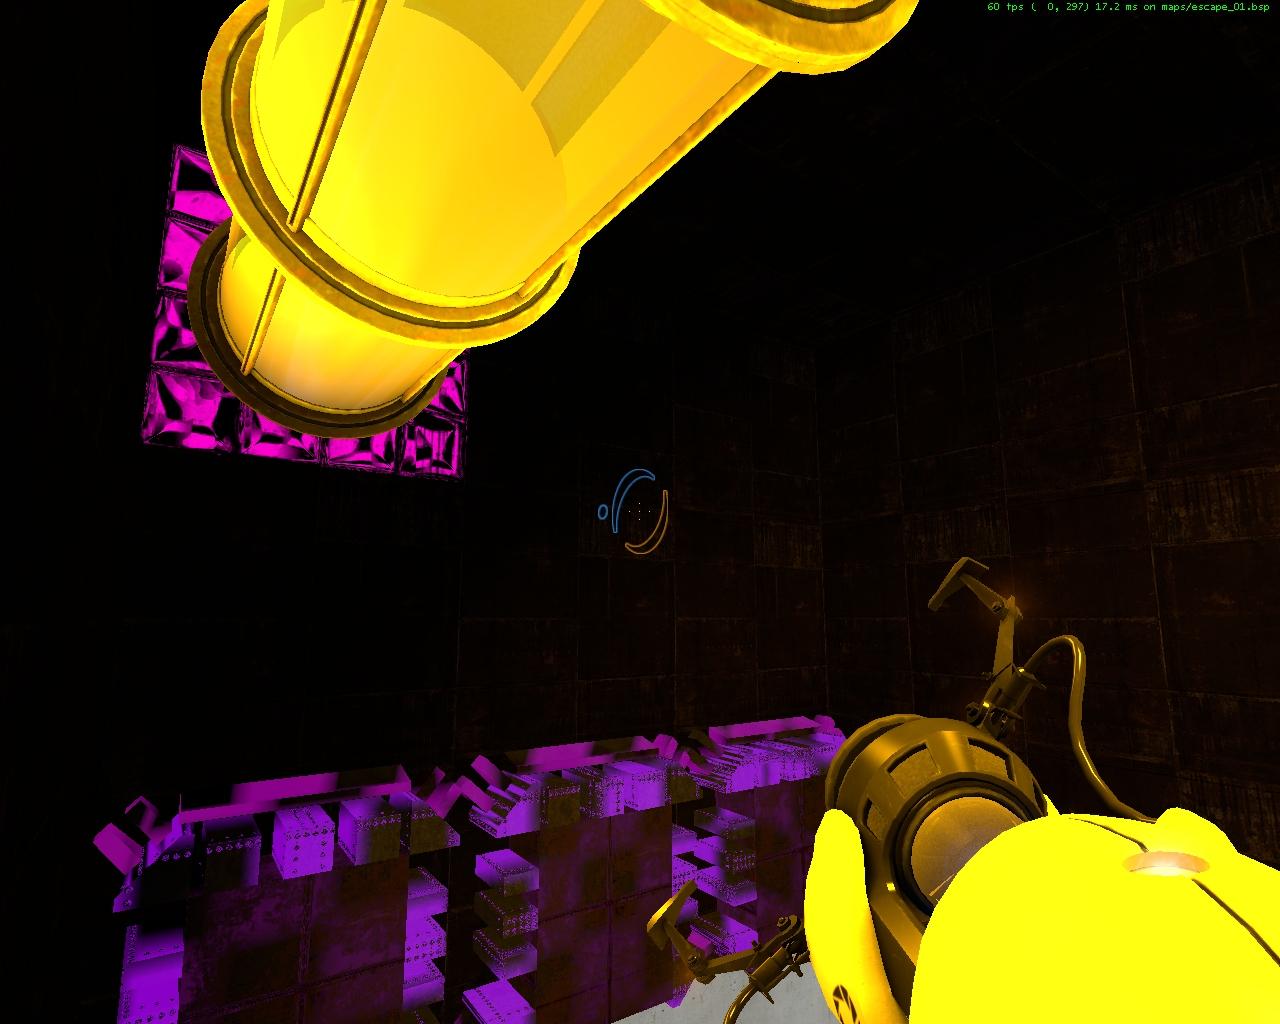 escape_010020.jpg - Portal escape_01, Portal 2006, Portal Beta